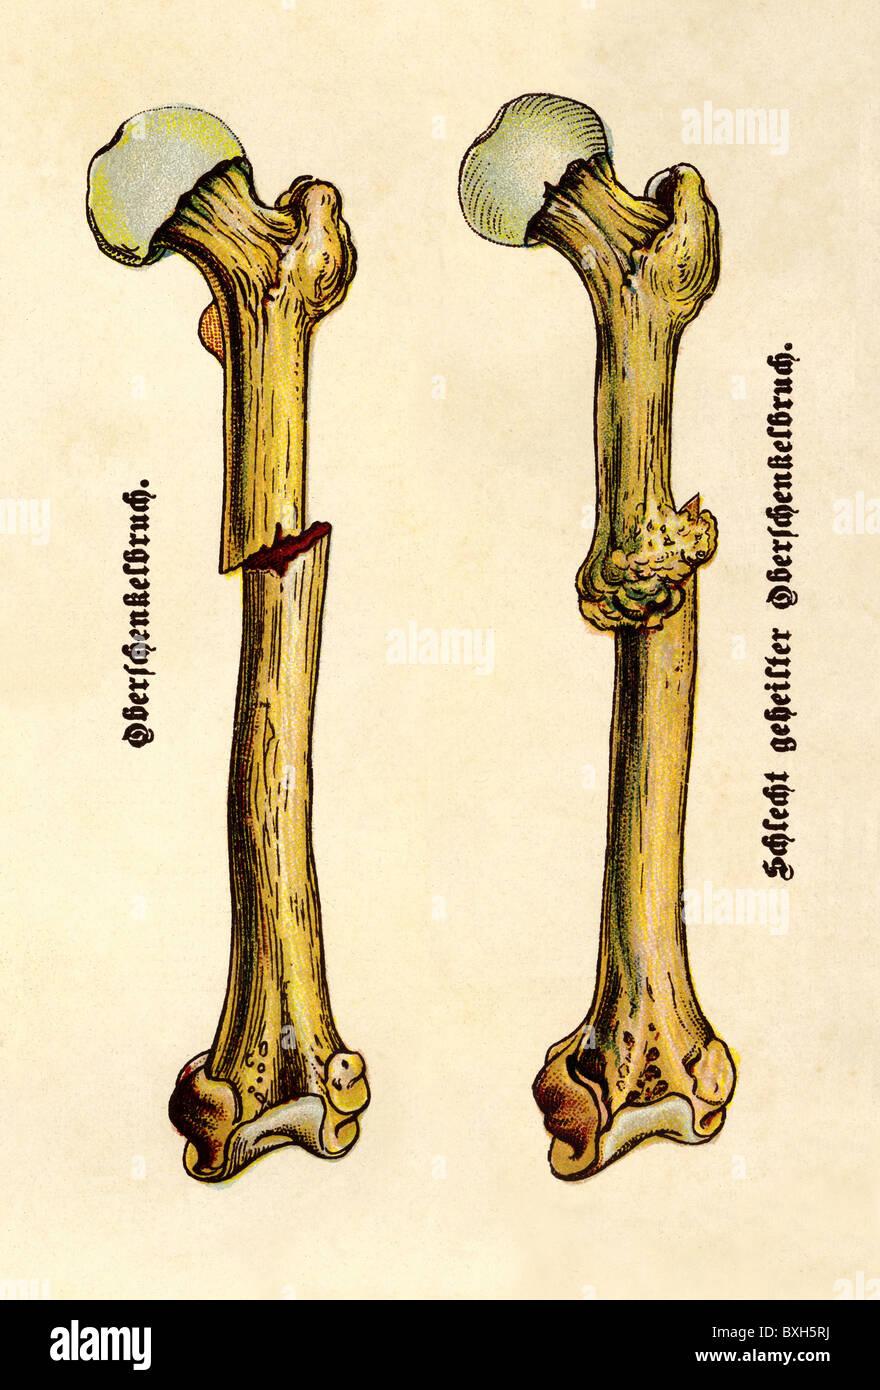 Medizin, Anatomie, Frakturen, Bruch des Oberschenkelknochens ...